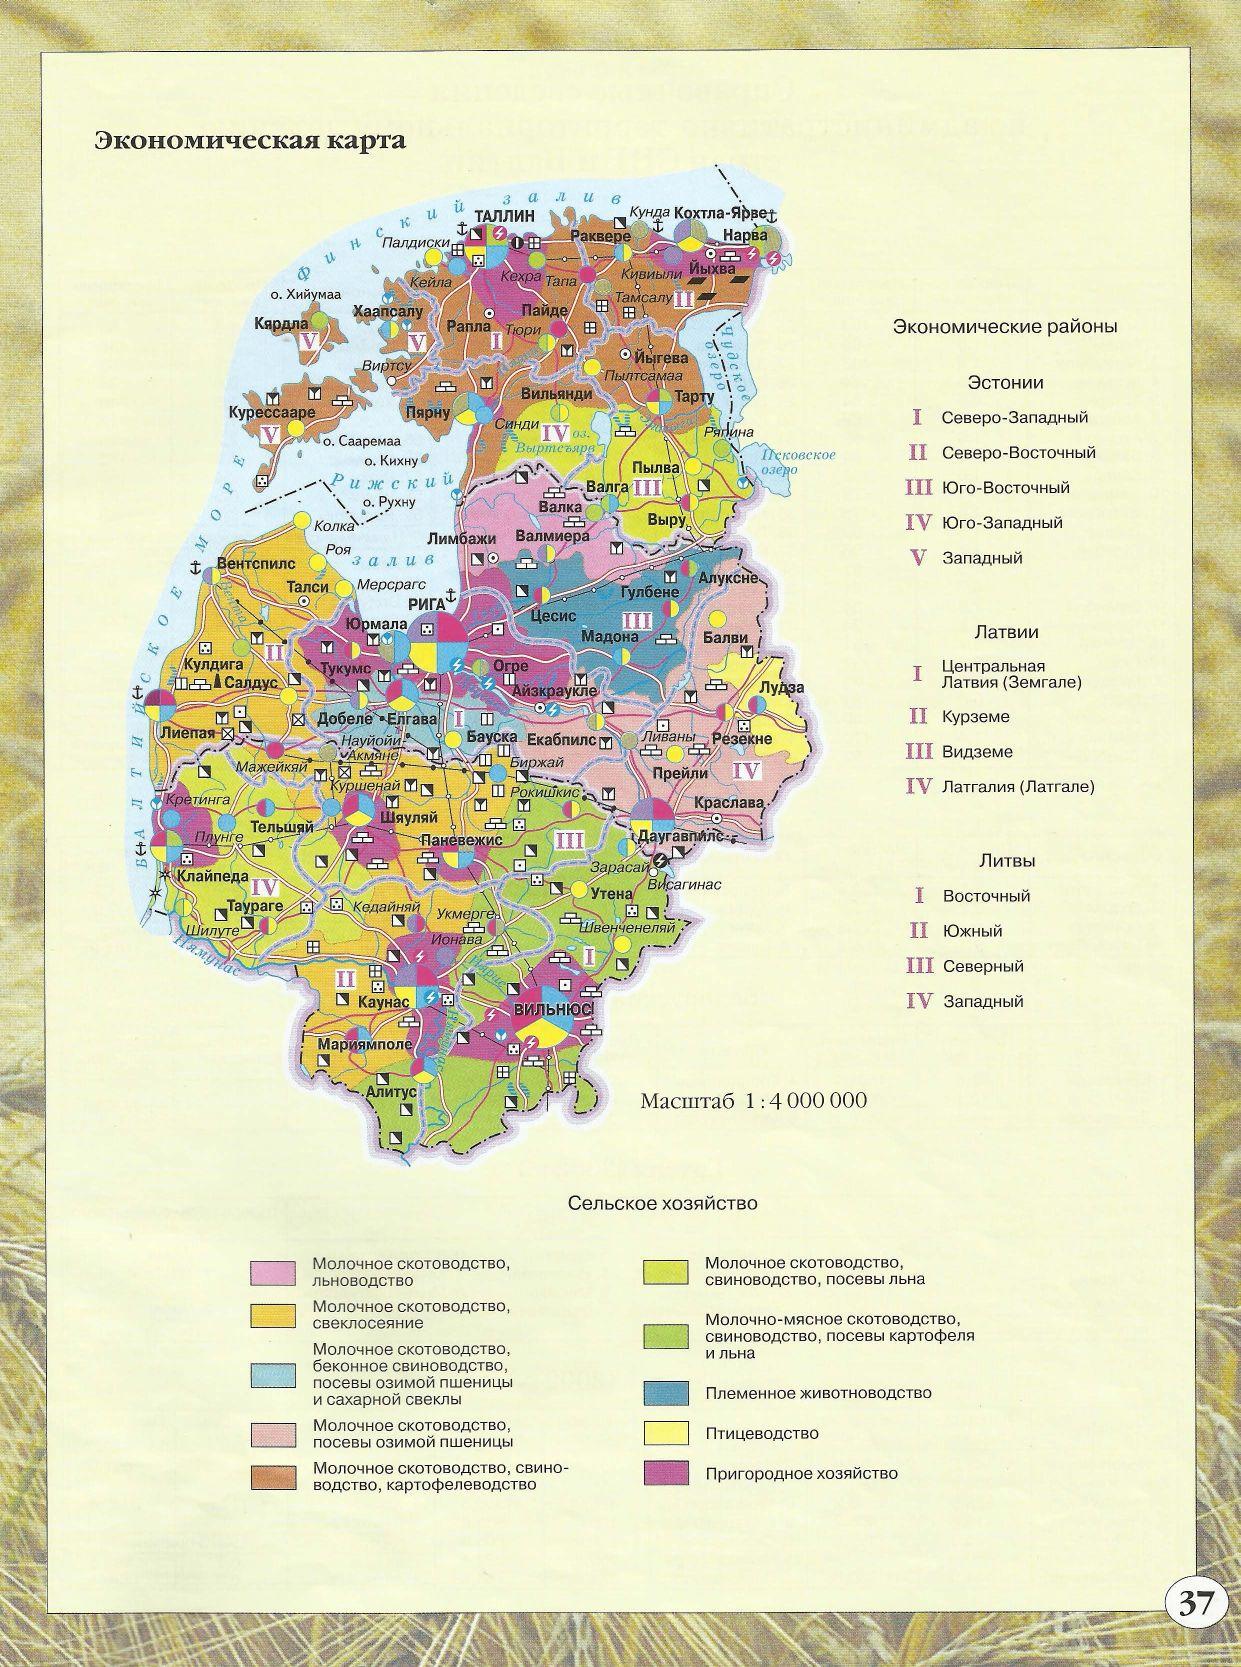 Экономичская карта Эстонии